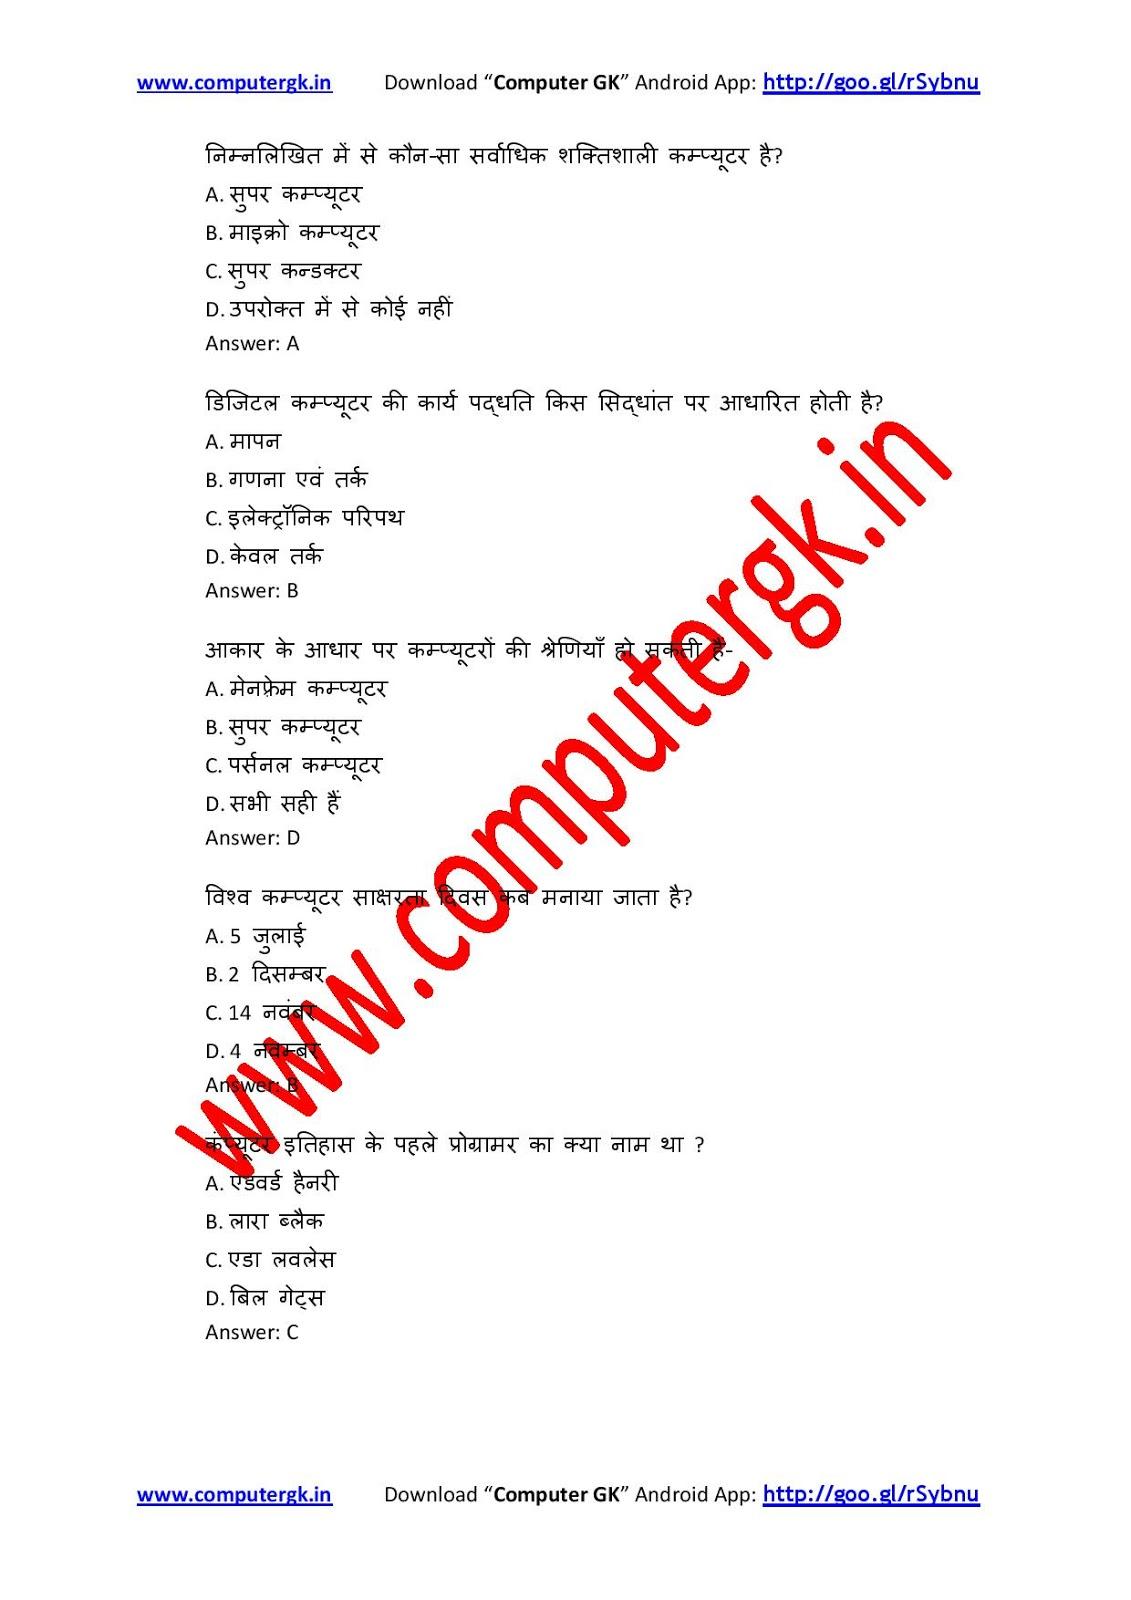 computer history in hindi Advertisements: कंप्यूटर पर निबंध / essay on computer in hindi कंप्यूटर एक अद्भुत मशीन है । इसके आविष्कार से दुनिया मे क्रांति आ गई.